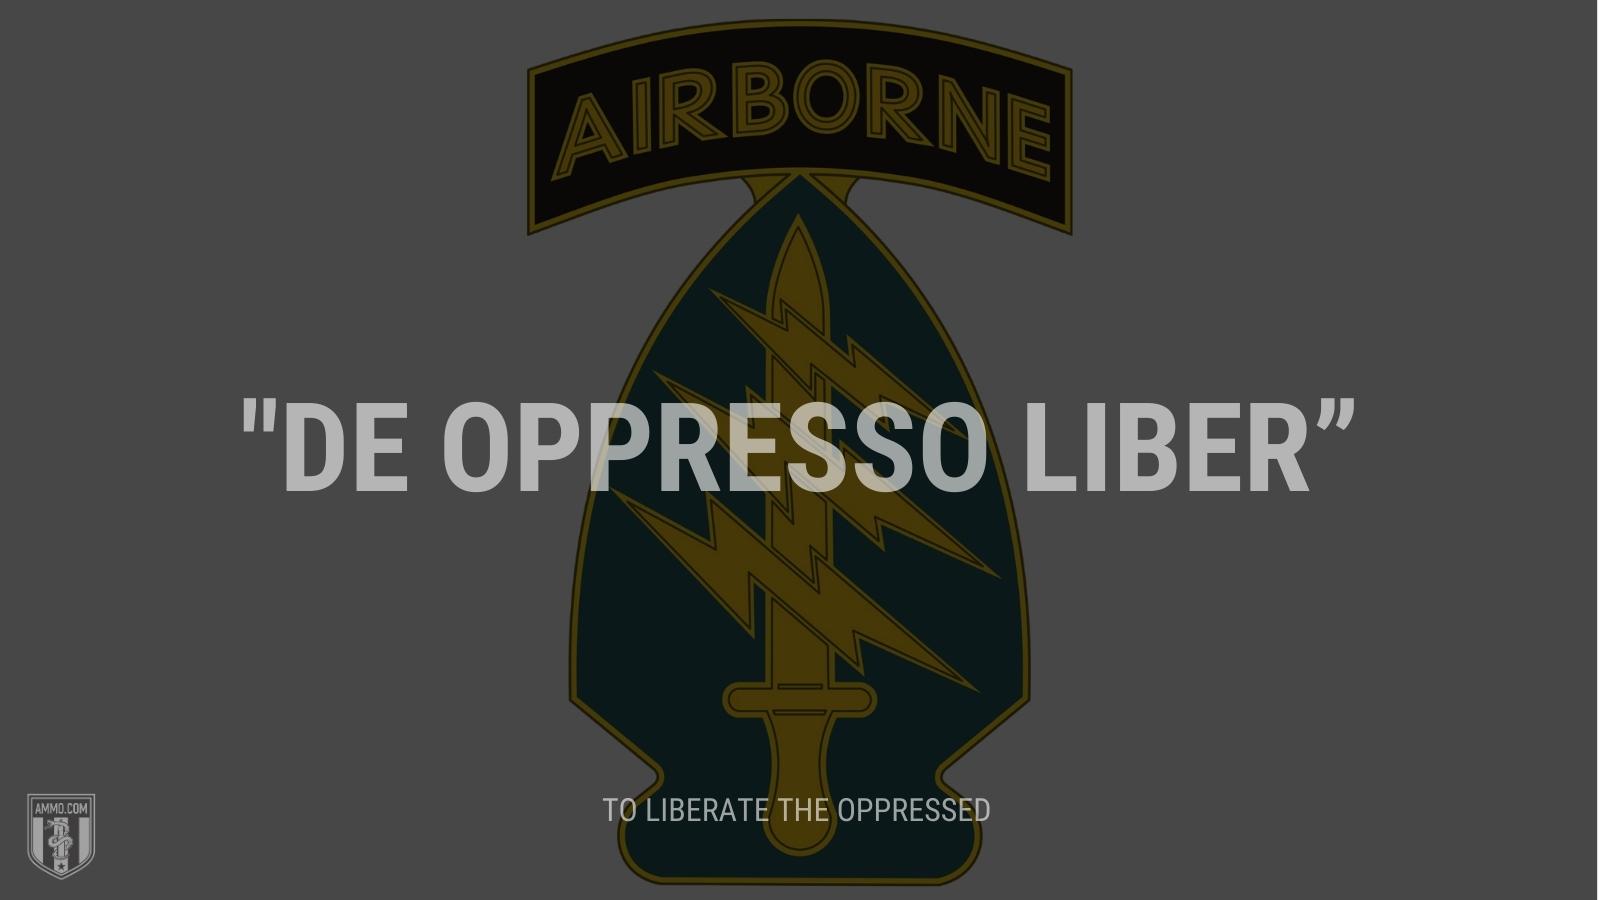 """""""De oppresso liber"""" - To liberate the oppressed"""